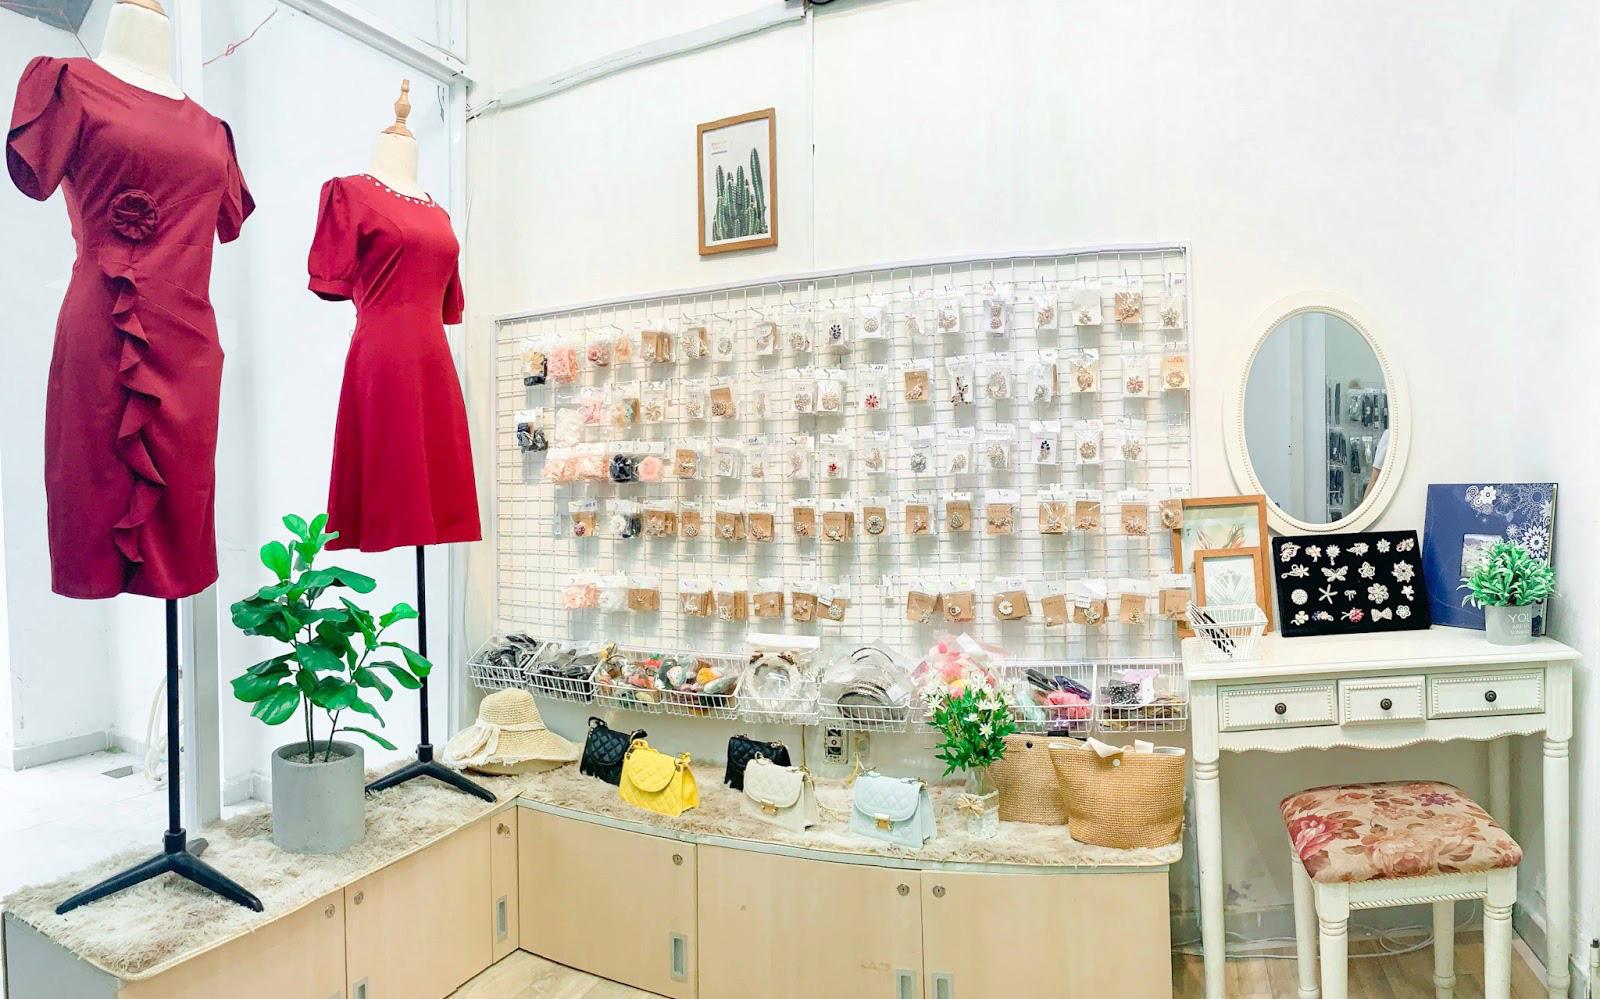 Nhật Vy Boutique - Thời trang cho nàng thanh lịch